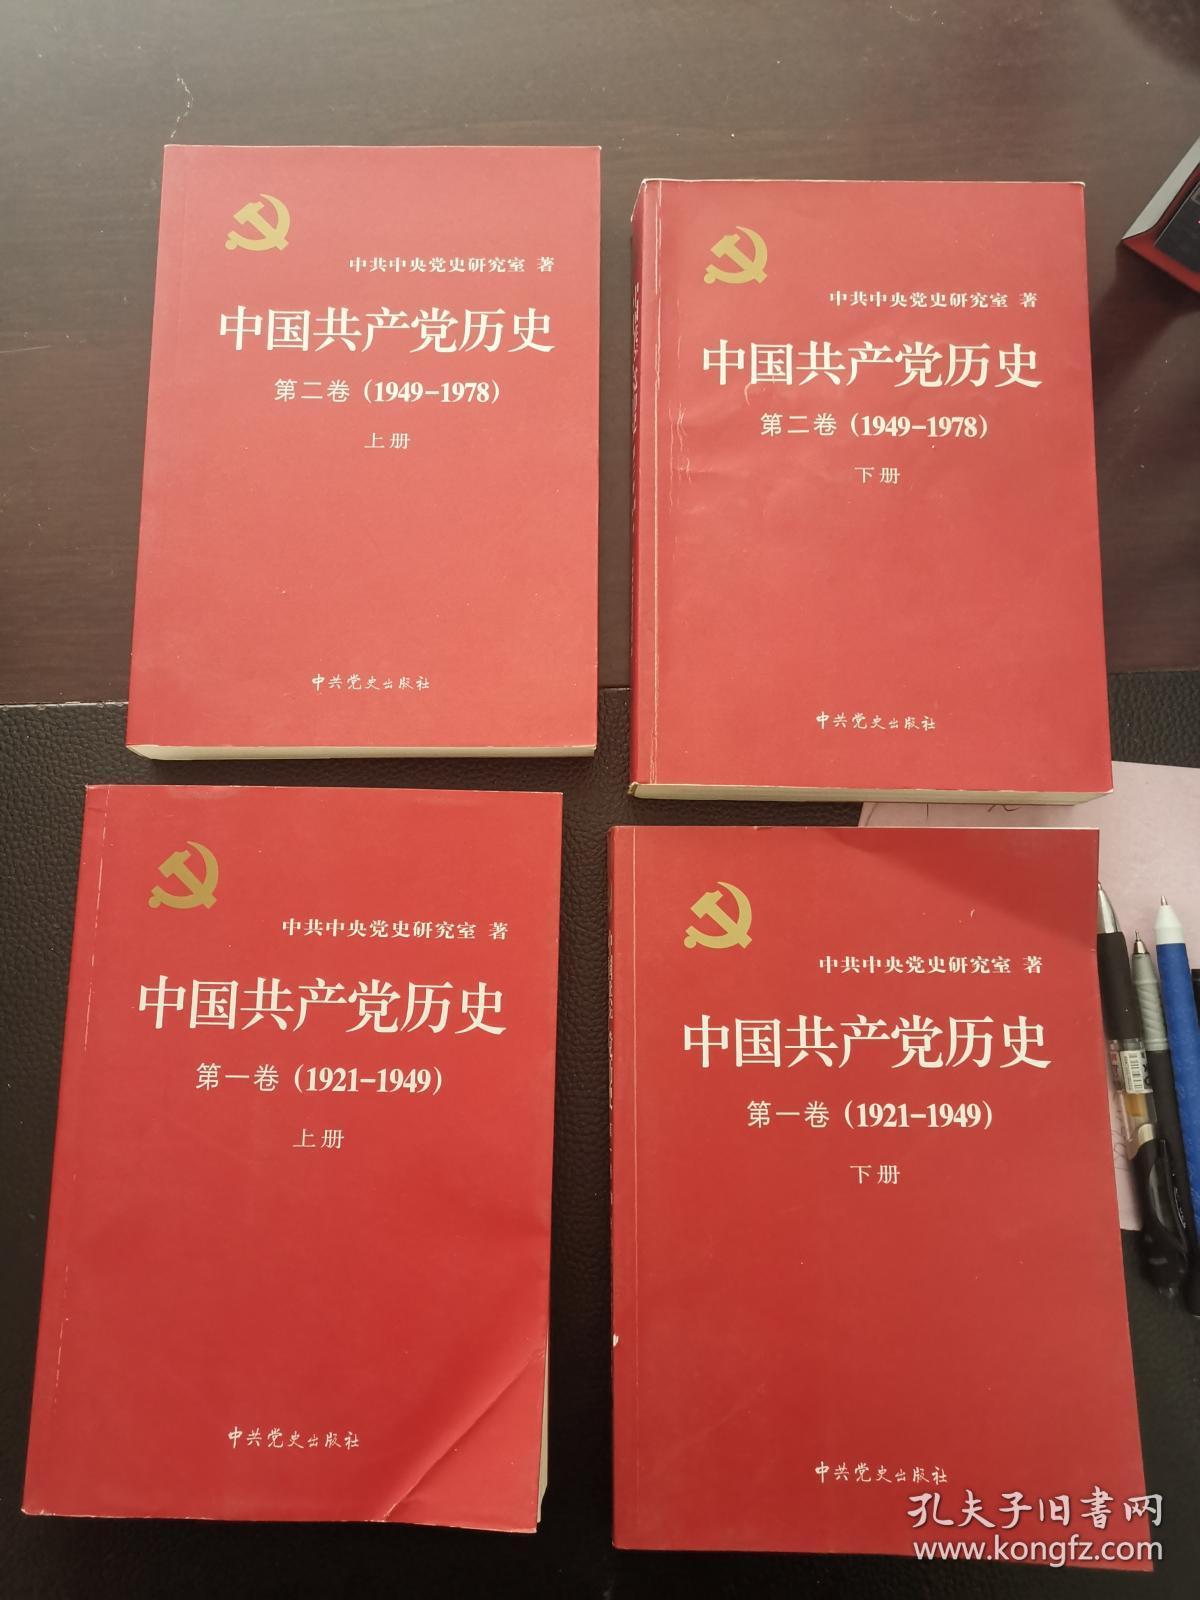 中国共产党历史第一卷上下册第二卷上下册 共四本